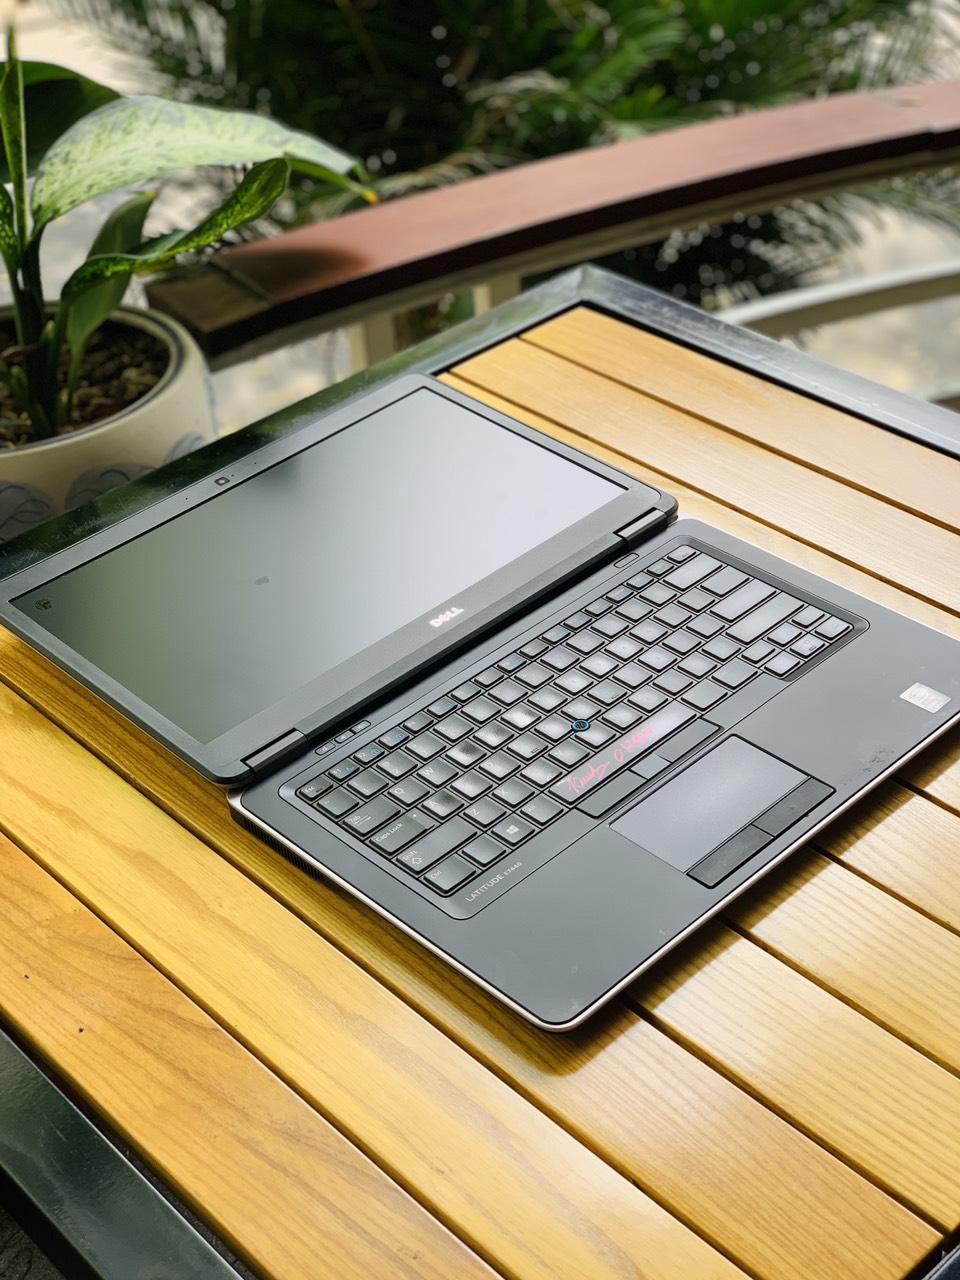 1 Dell latitude E7440 Core I5-4310U Ram 8G, Ssd 256GB, MH Full HD 14 inch, Zin 100 siêu bền mỏng đẹp